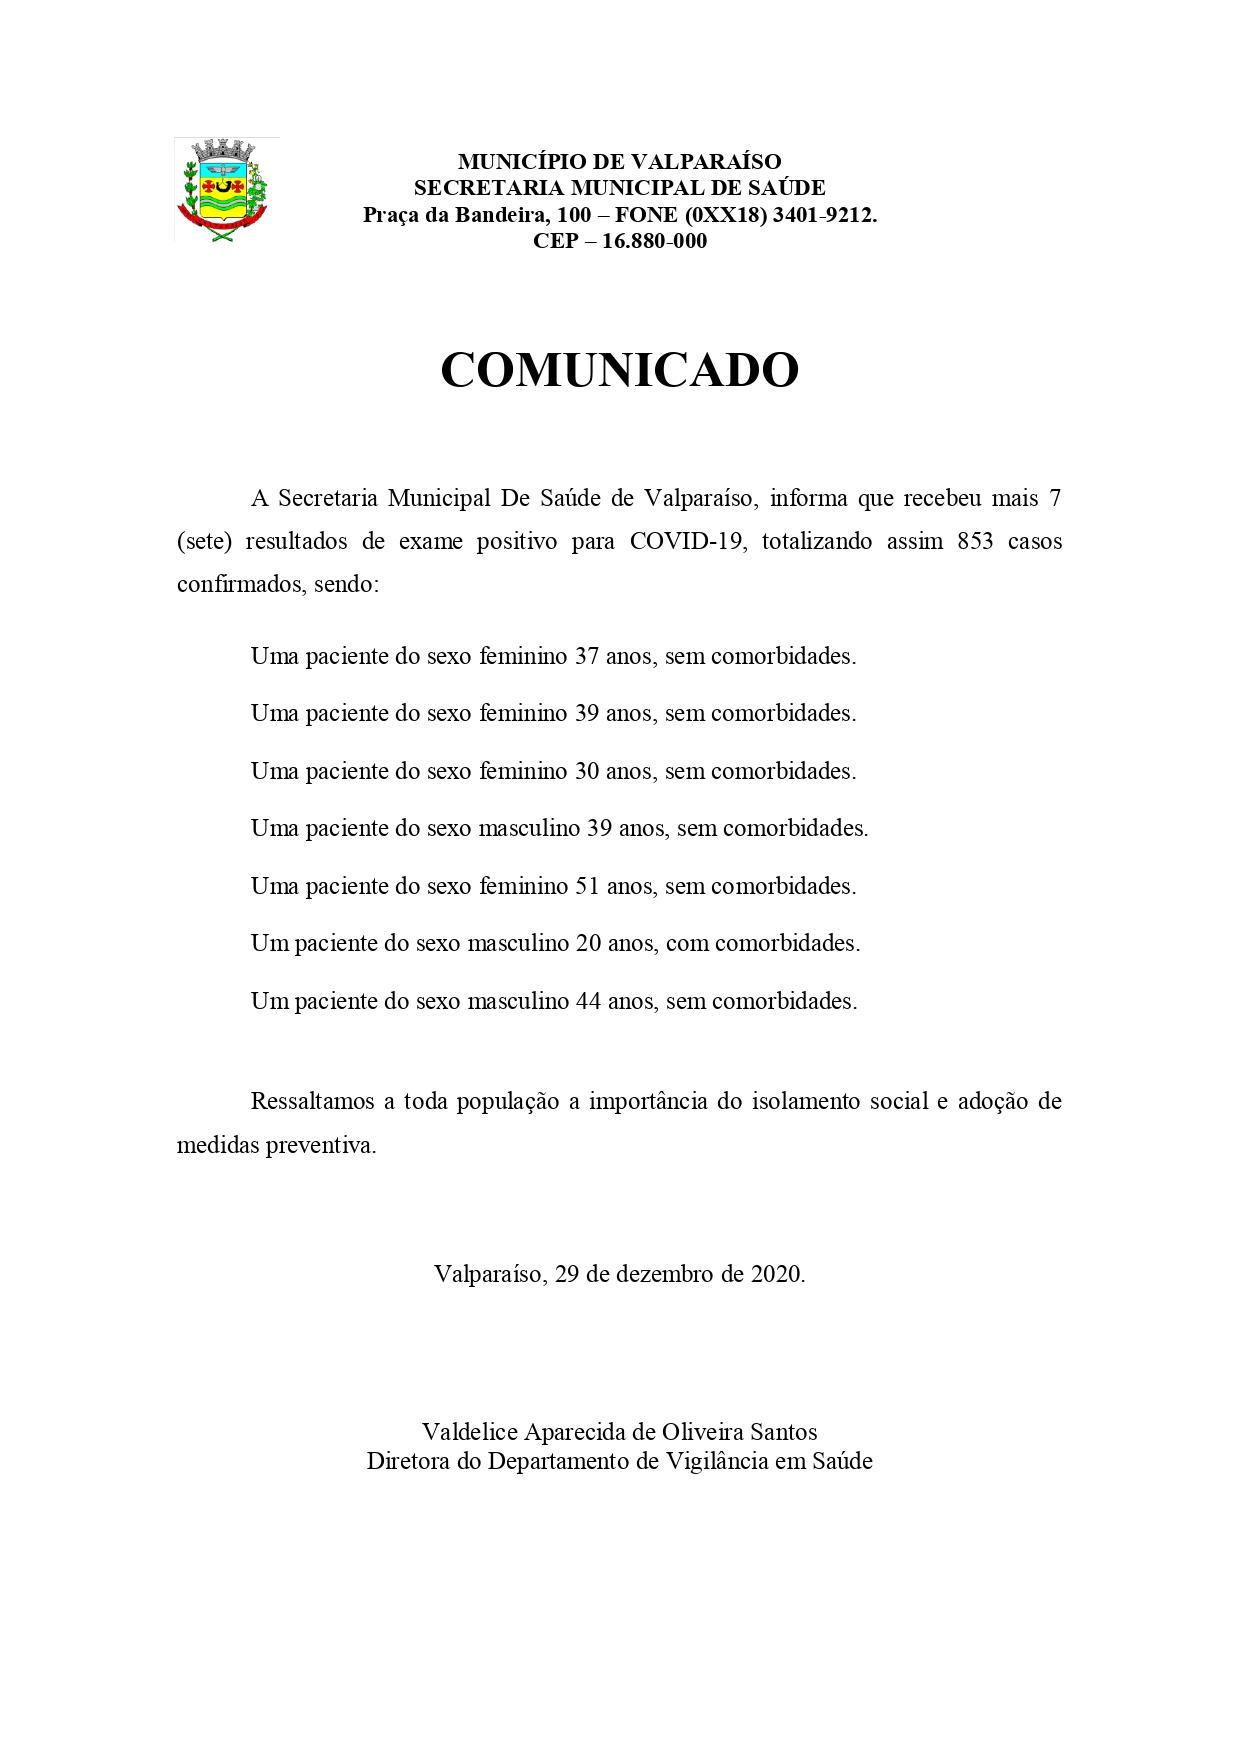 covid853